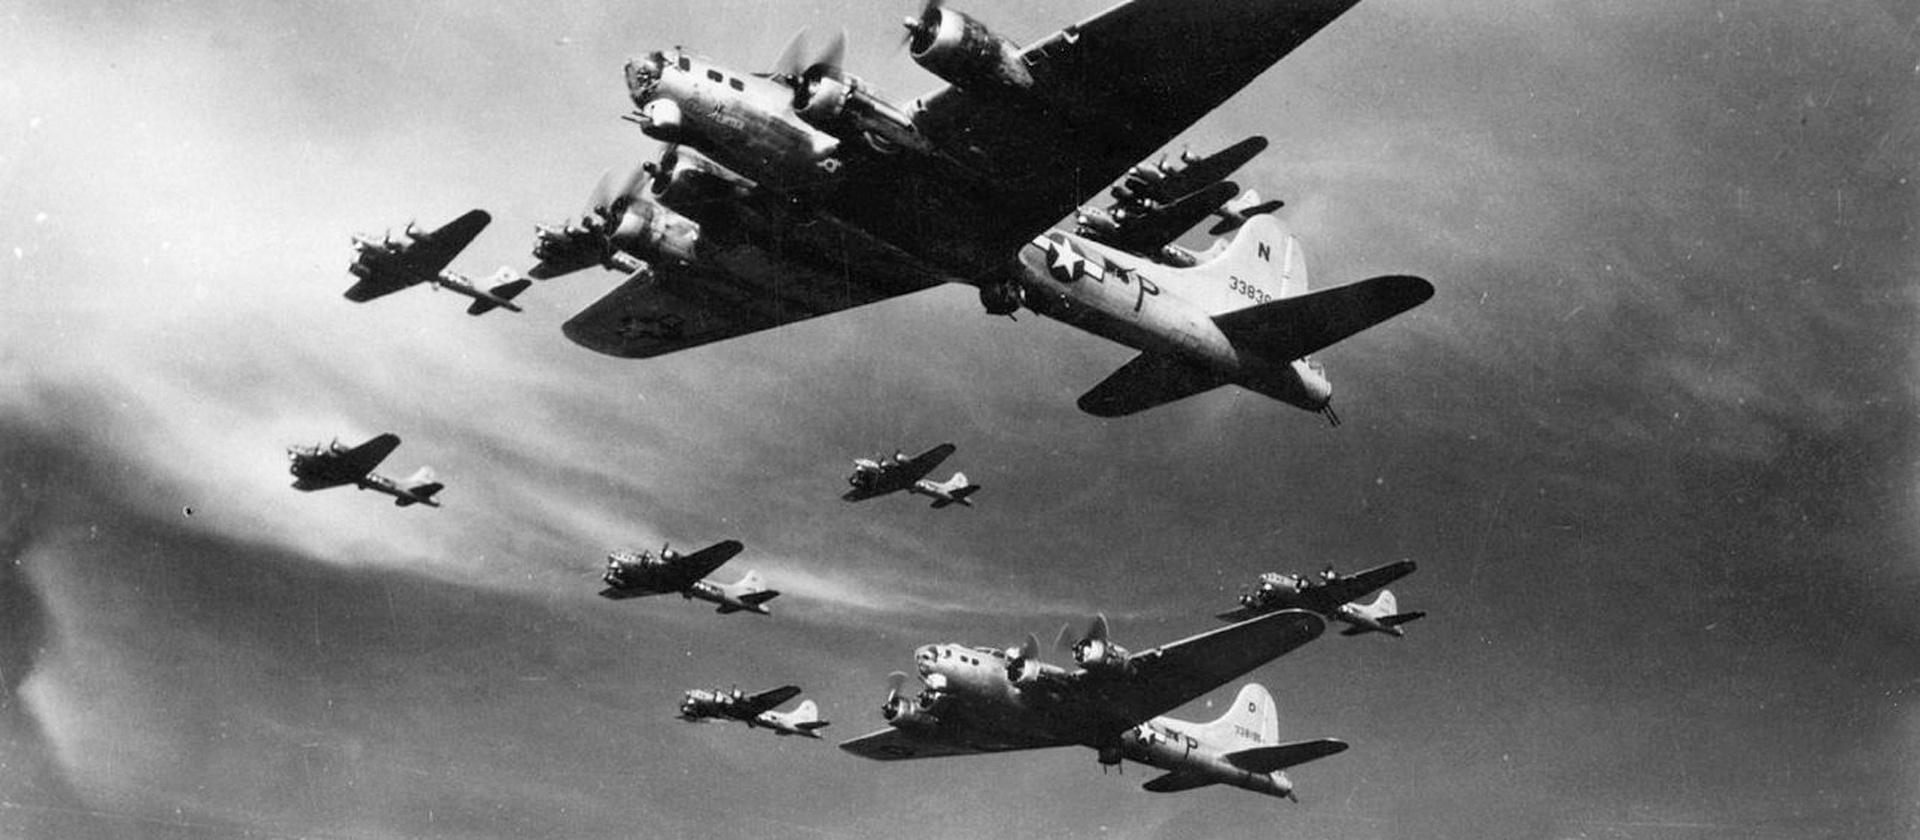 Стратегические бомбардировки Второй мировой